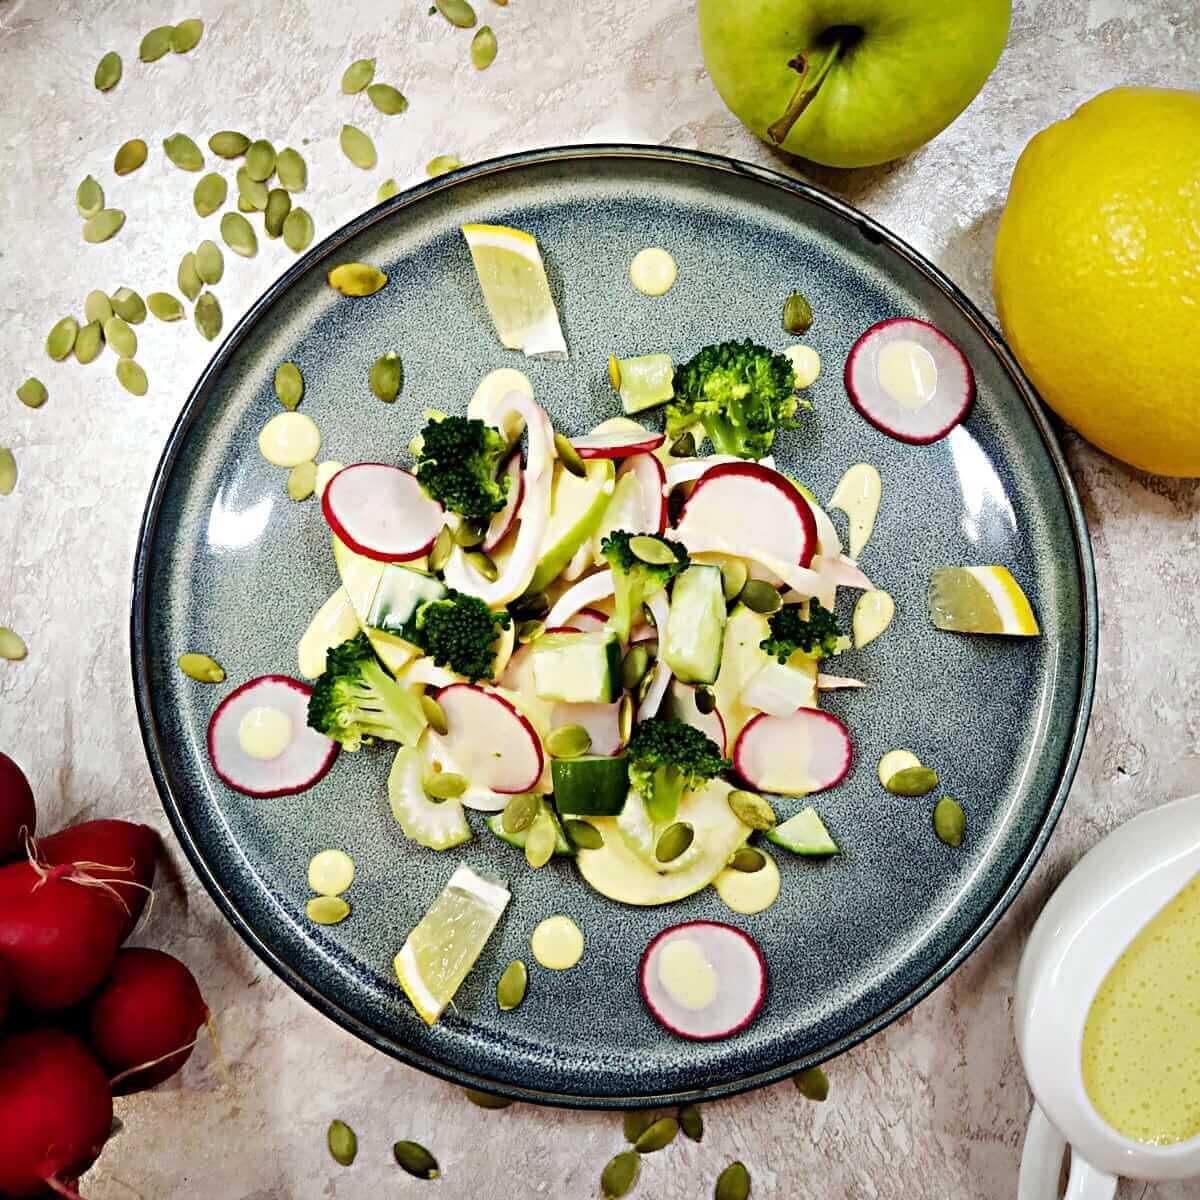 Squid vegetable salad with lemon aioli